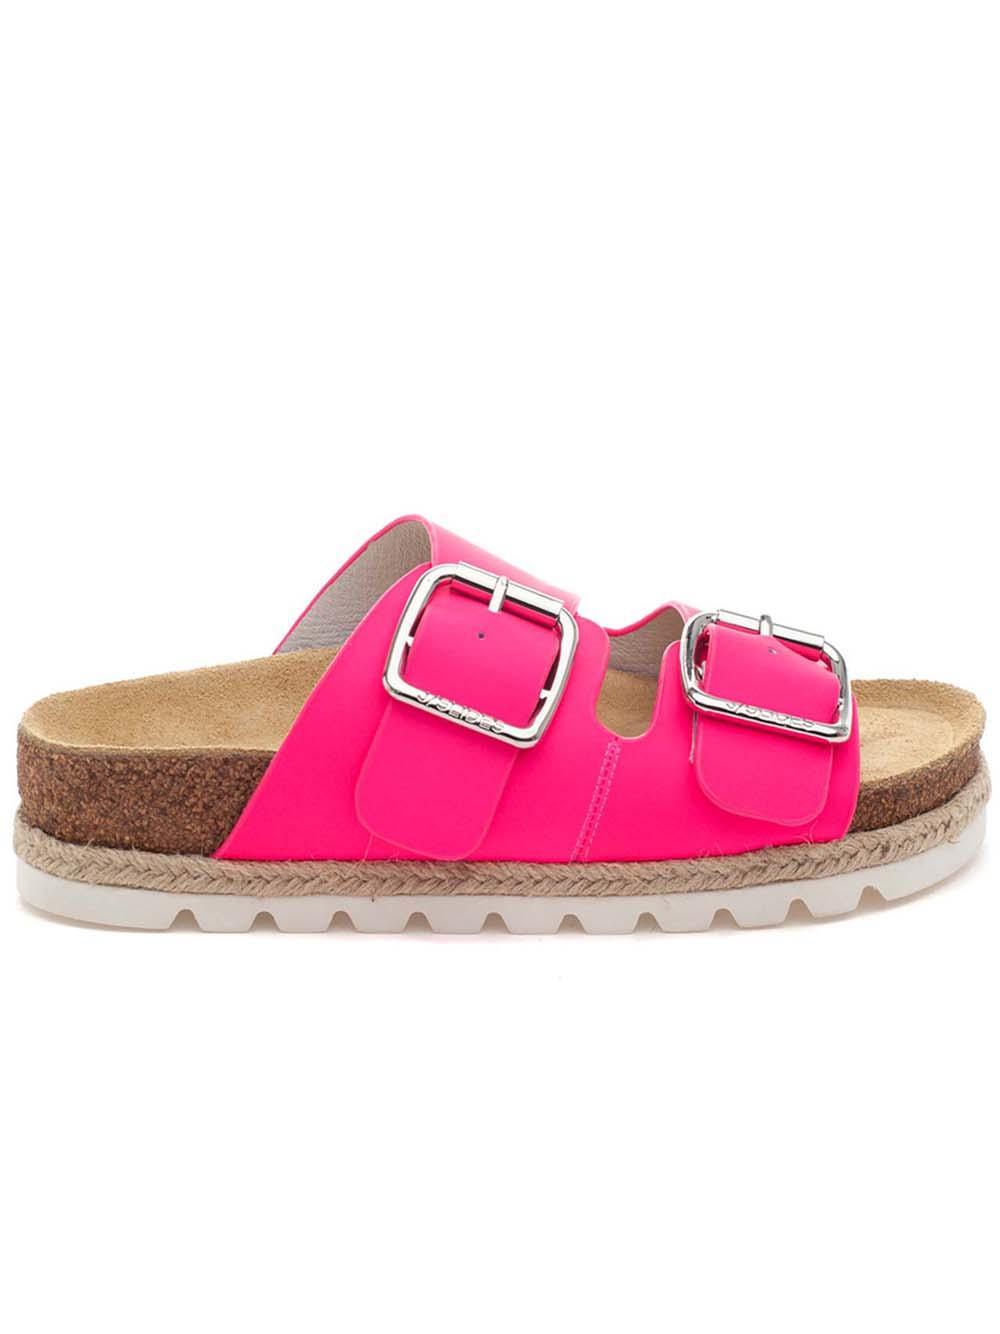 Leighton Platform Sandal